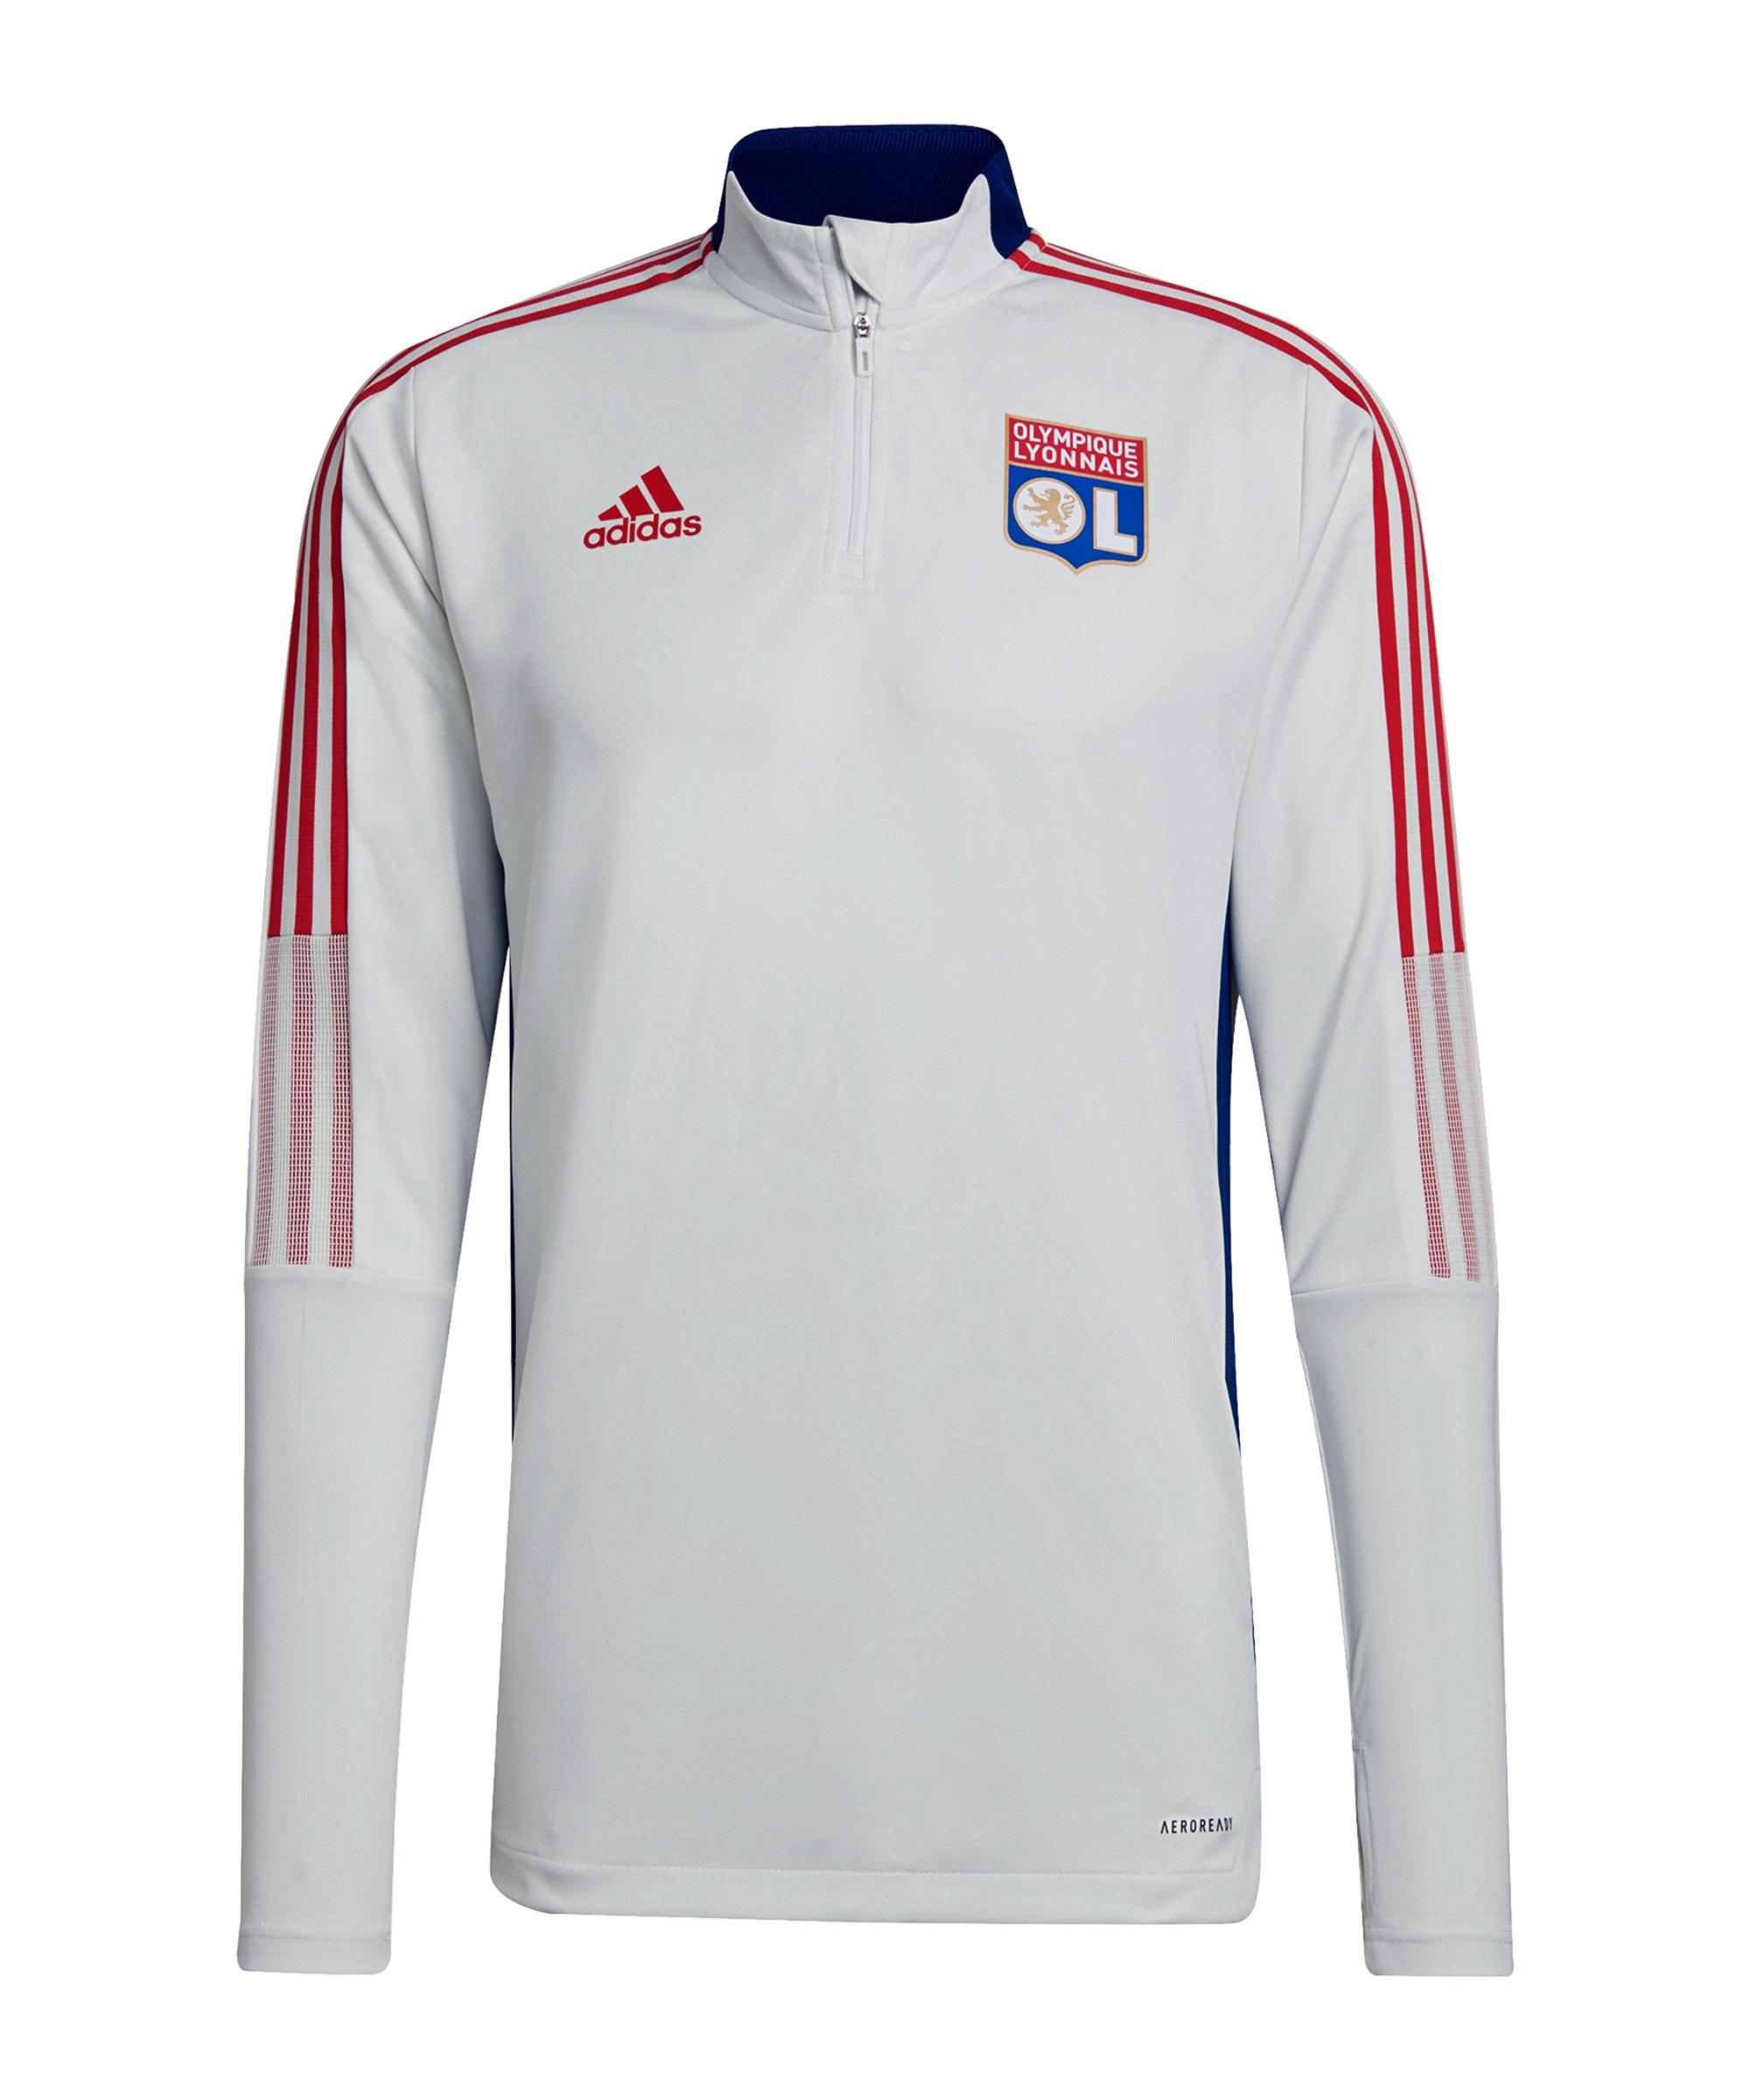 adidas Olimpique Lyon HalfZip Sweatshirt Weiss - weiss